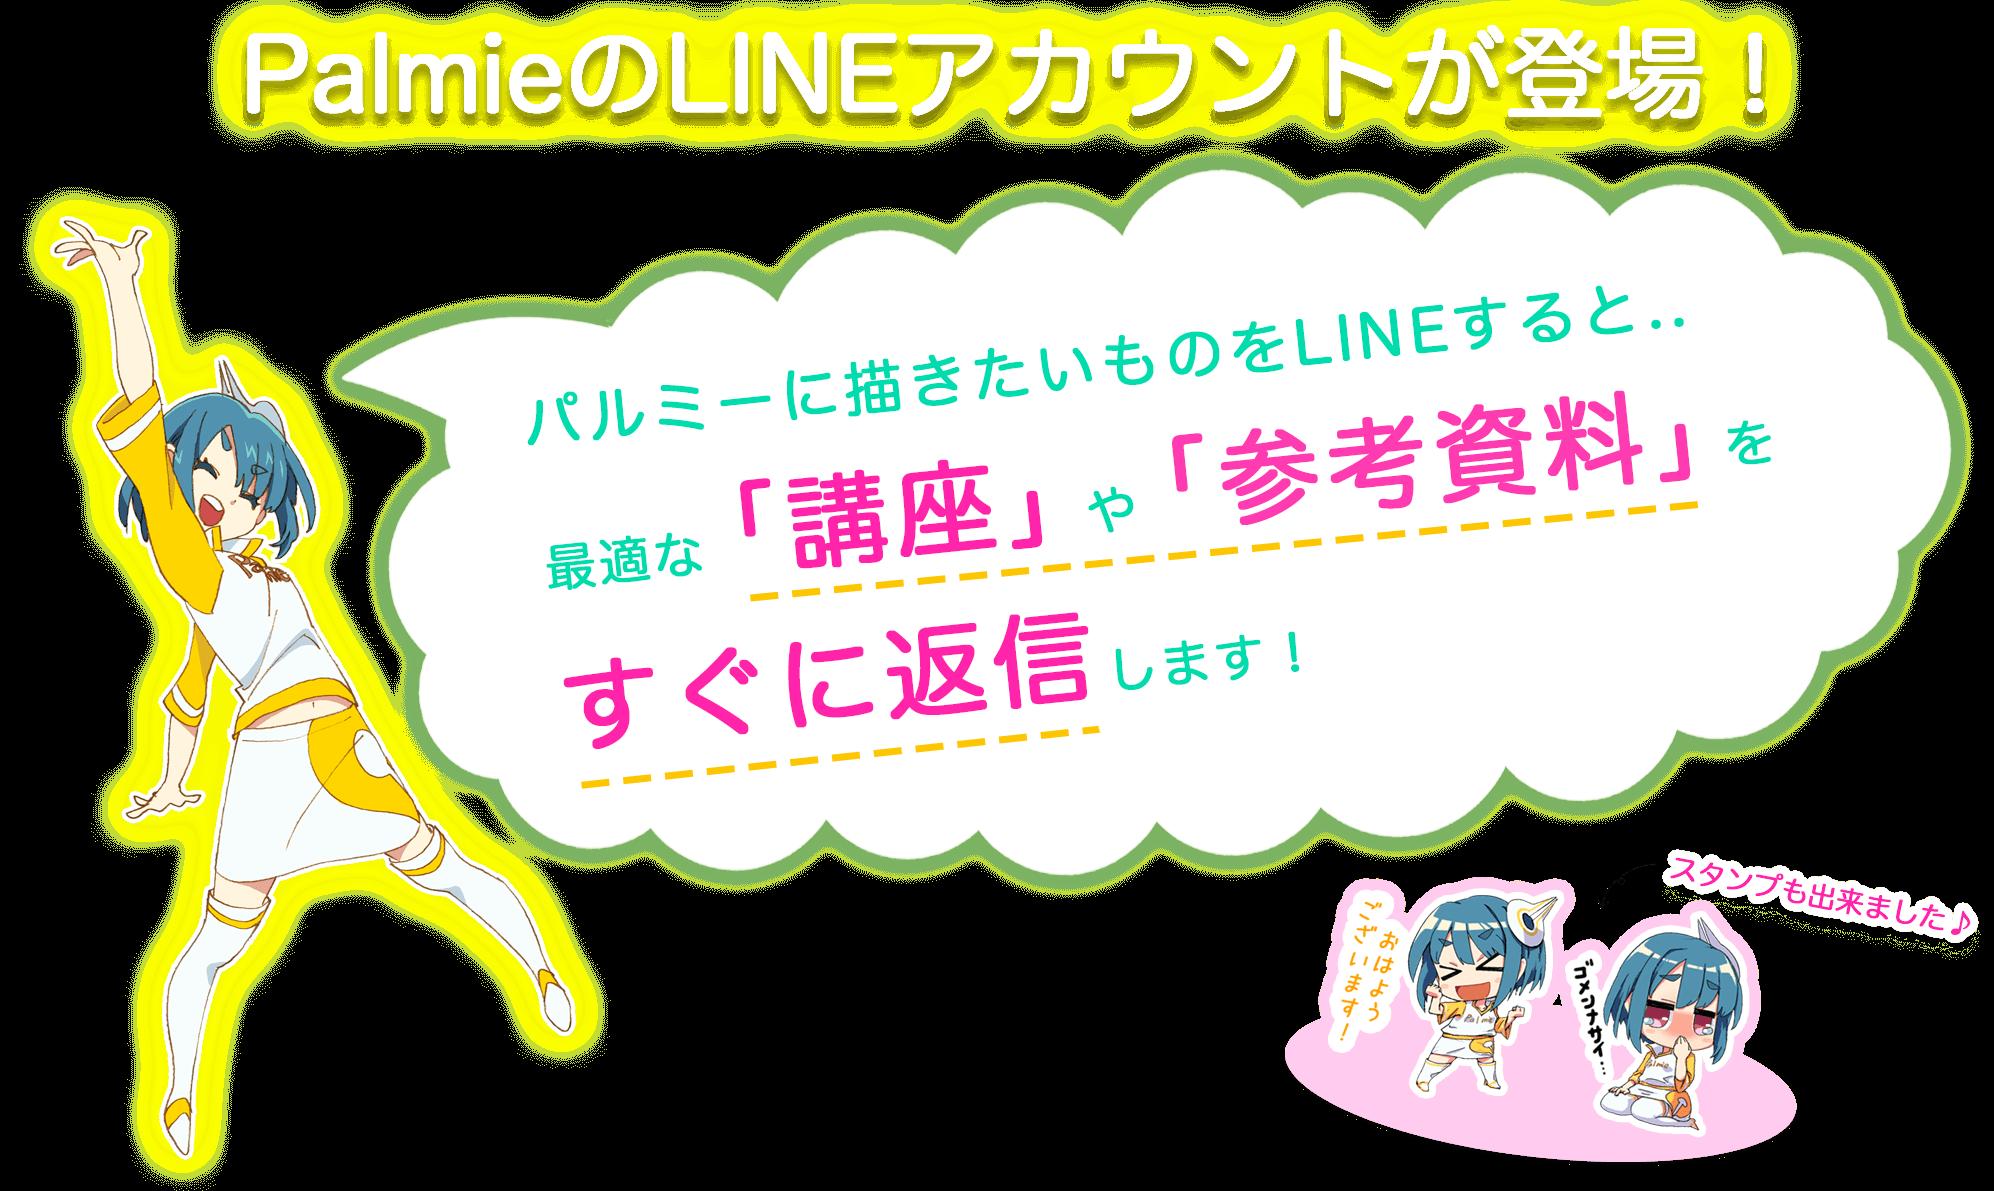 PalmieのLINEアカウントが登場!